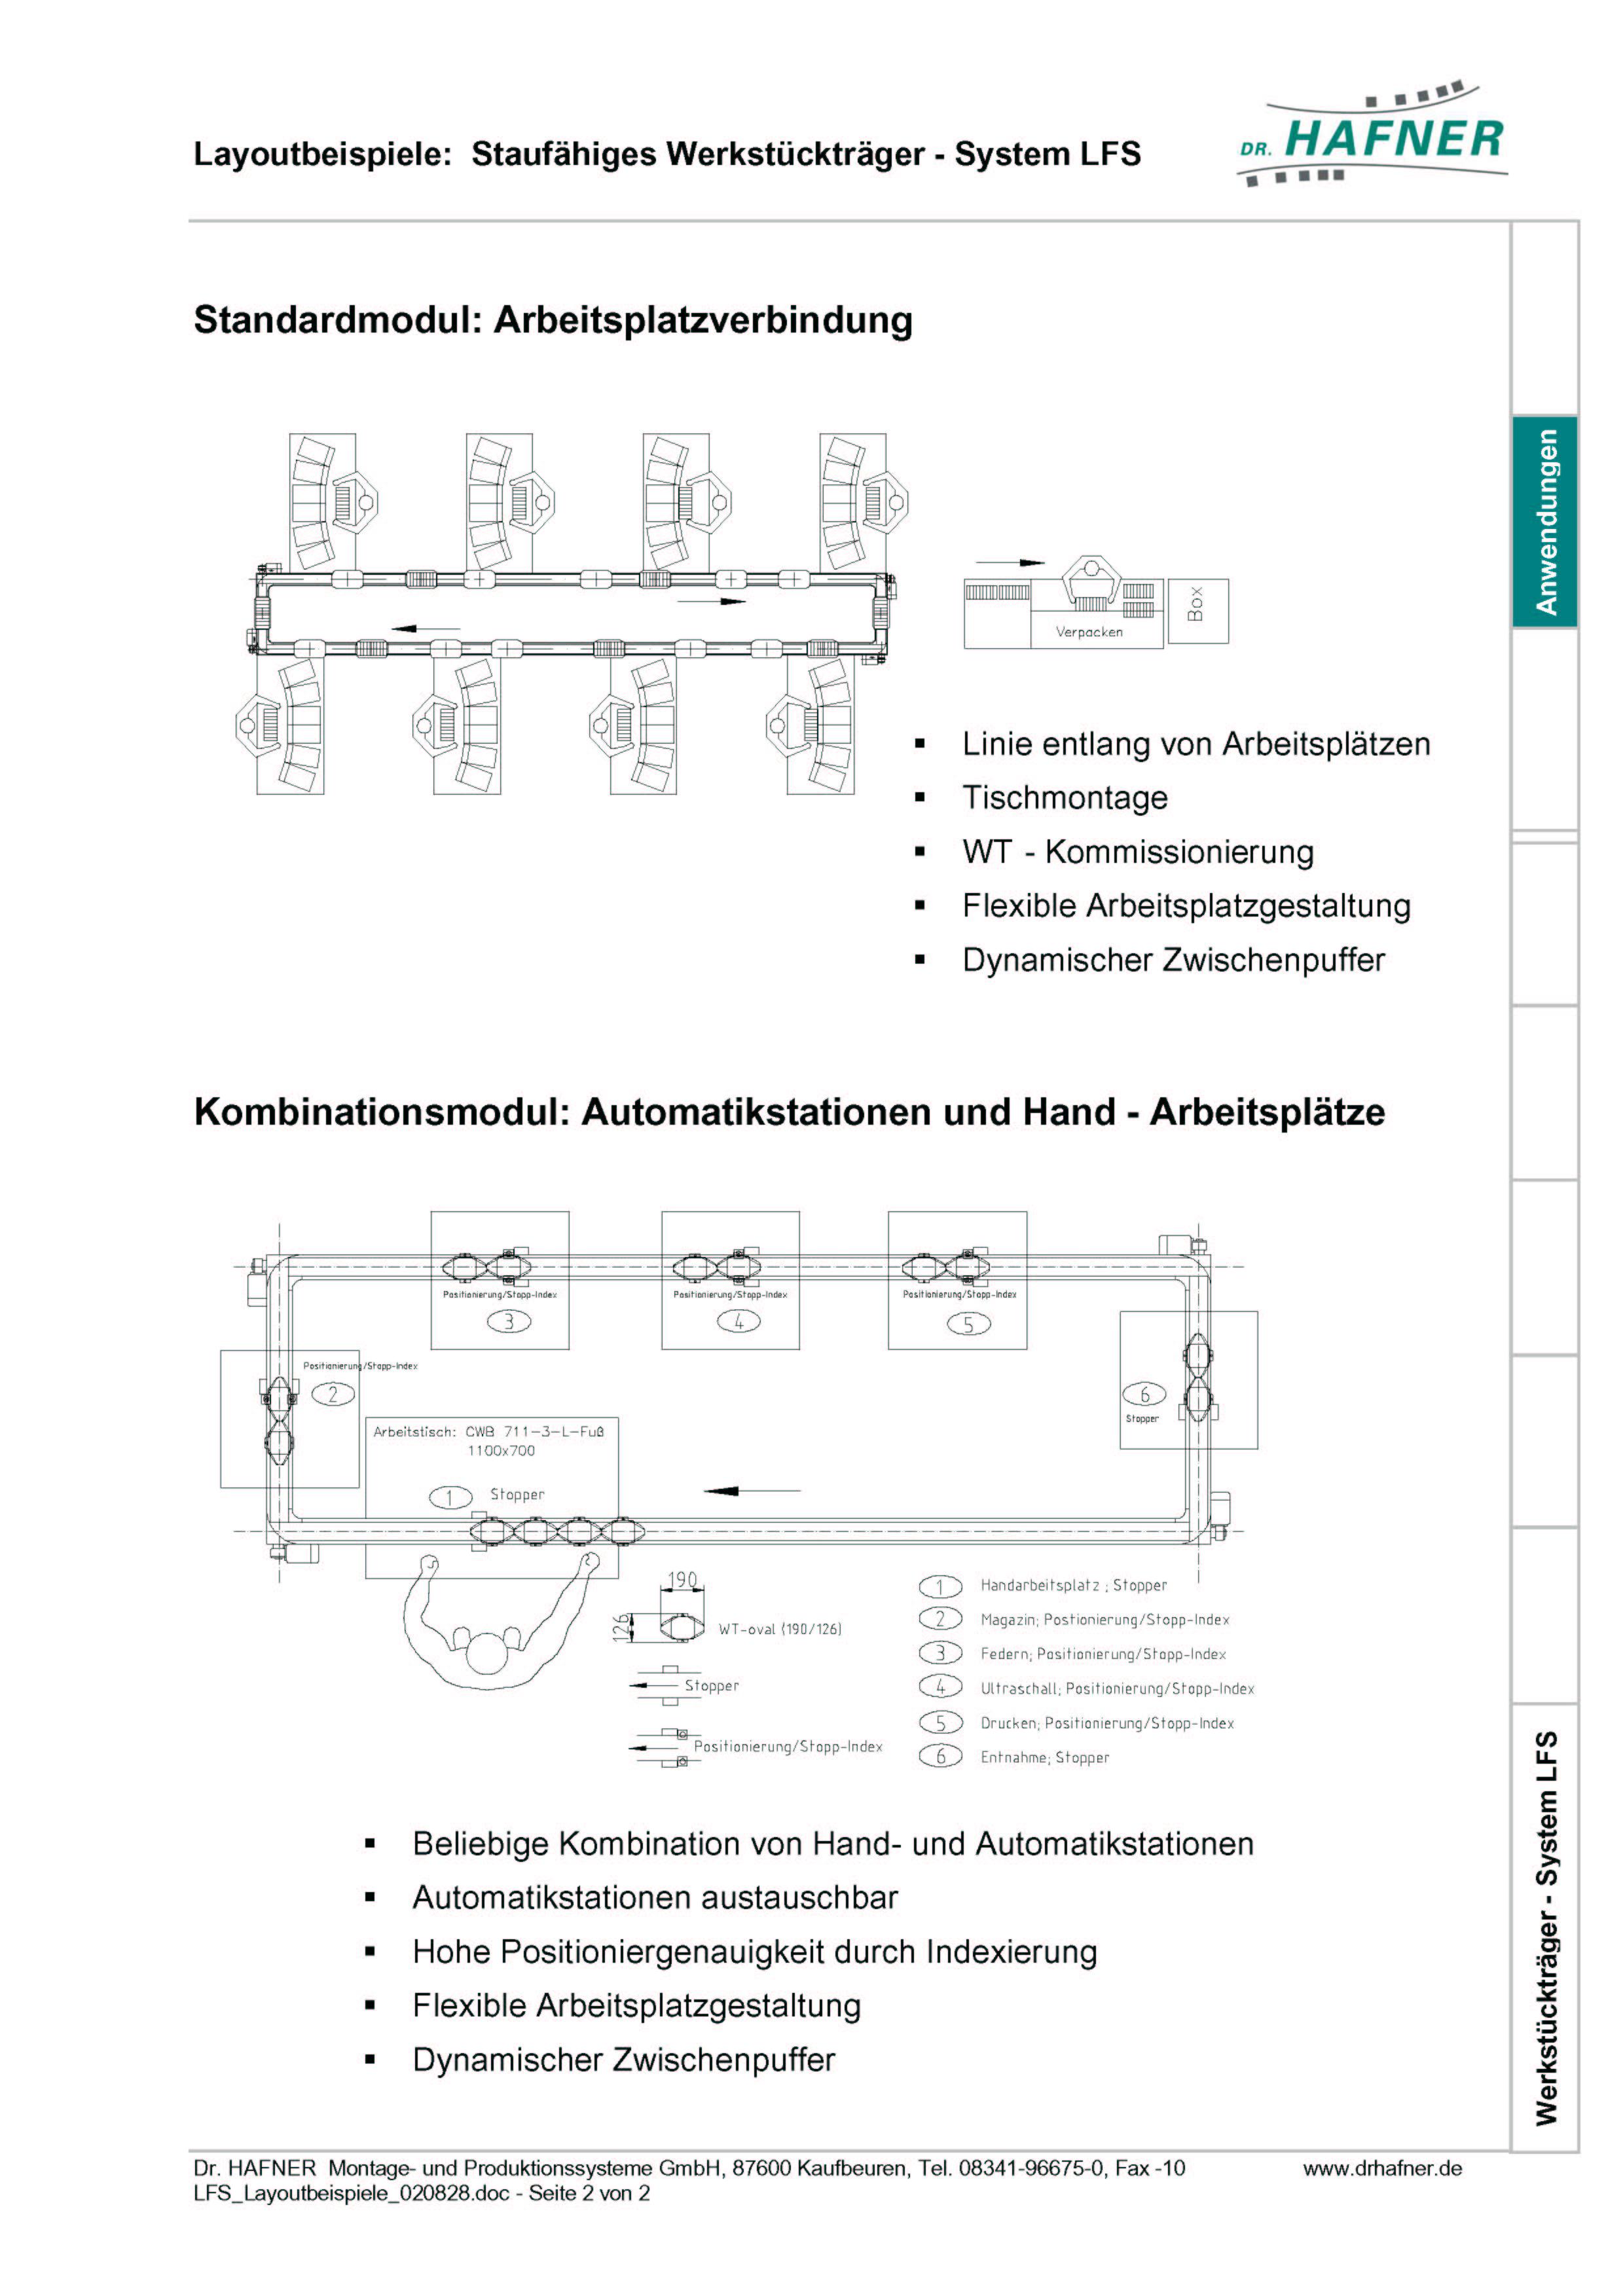 Dr. HAFNER_PKWP_33 Layout Arbeitsplatzverbindung Werkstückträger